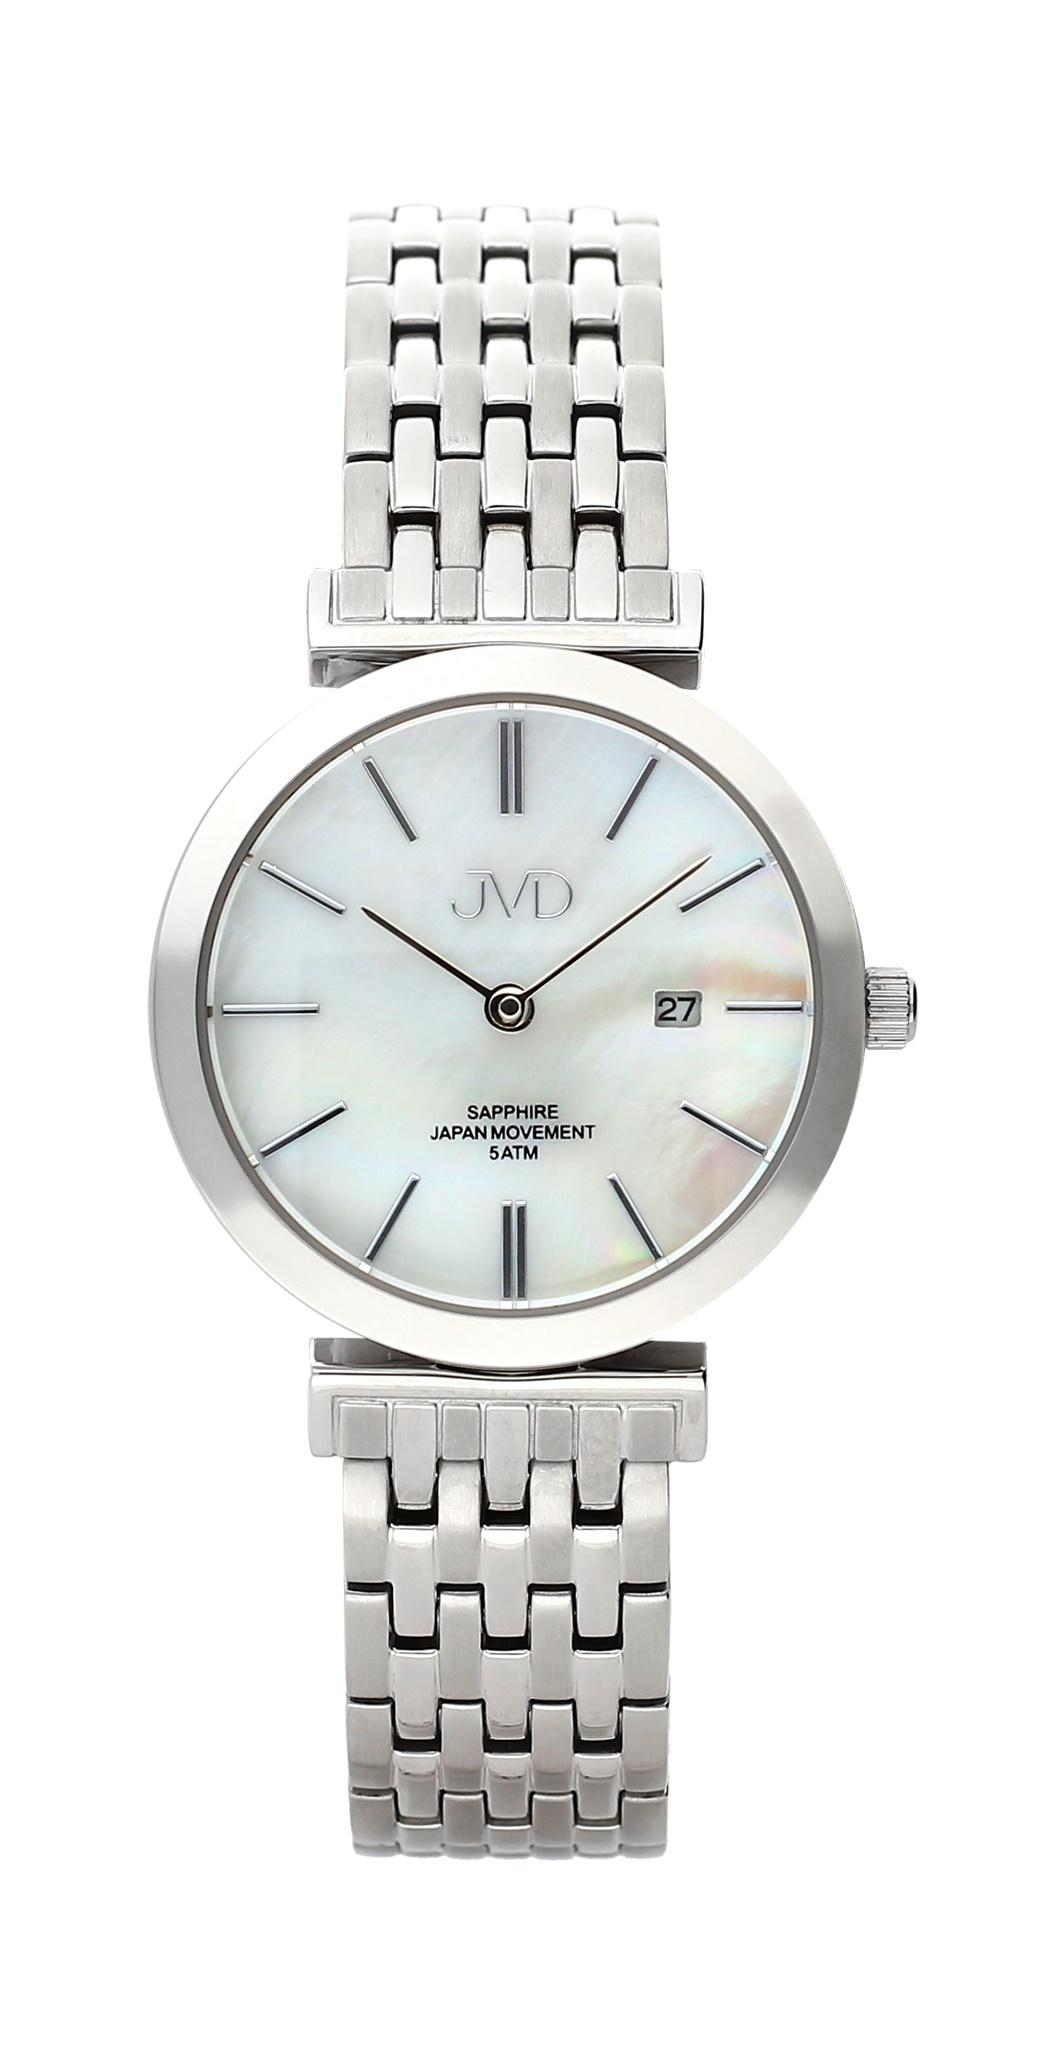 Dámské čitelné náramkové hodinky se safírovým sklem JVD J4150.1 (POŠTOVNÉ ZDARMA!!)